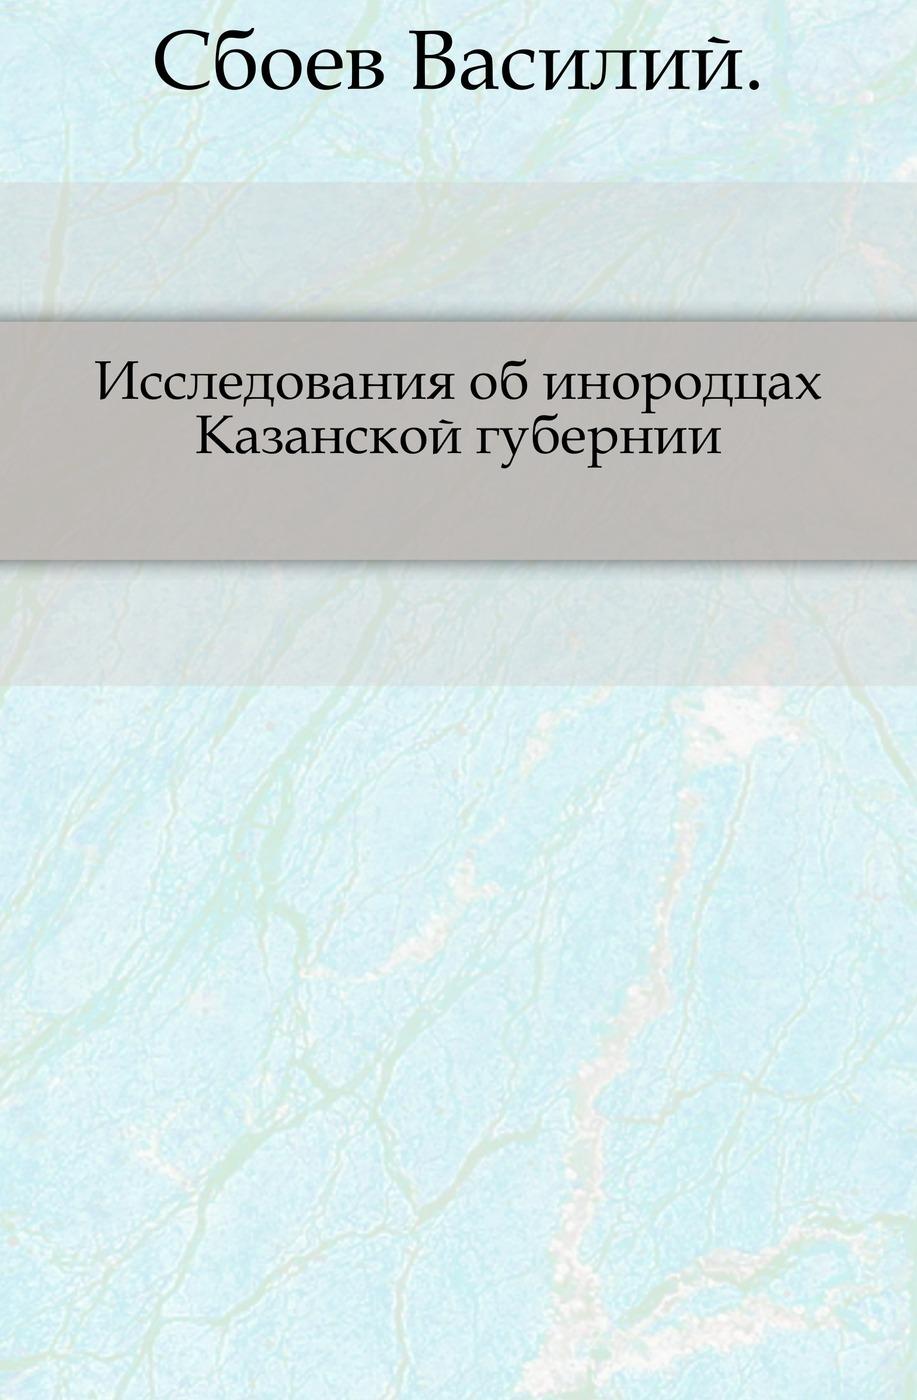 Исследования об инородцах Казанской губернии.